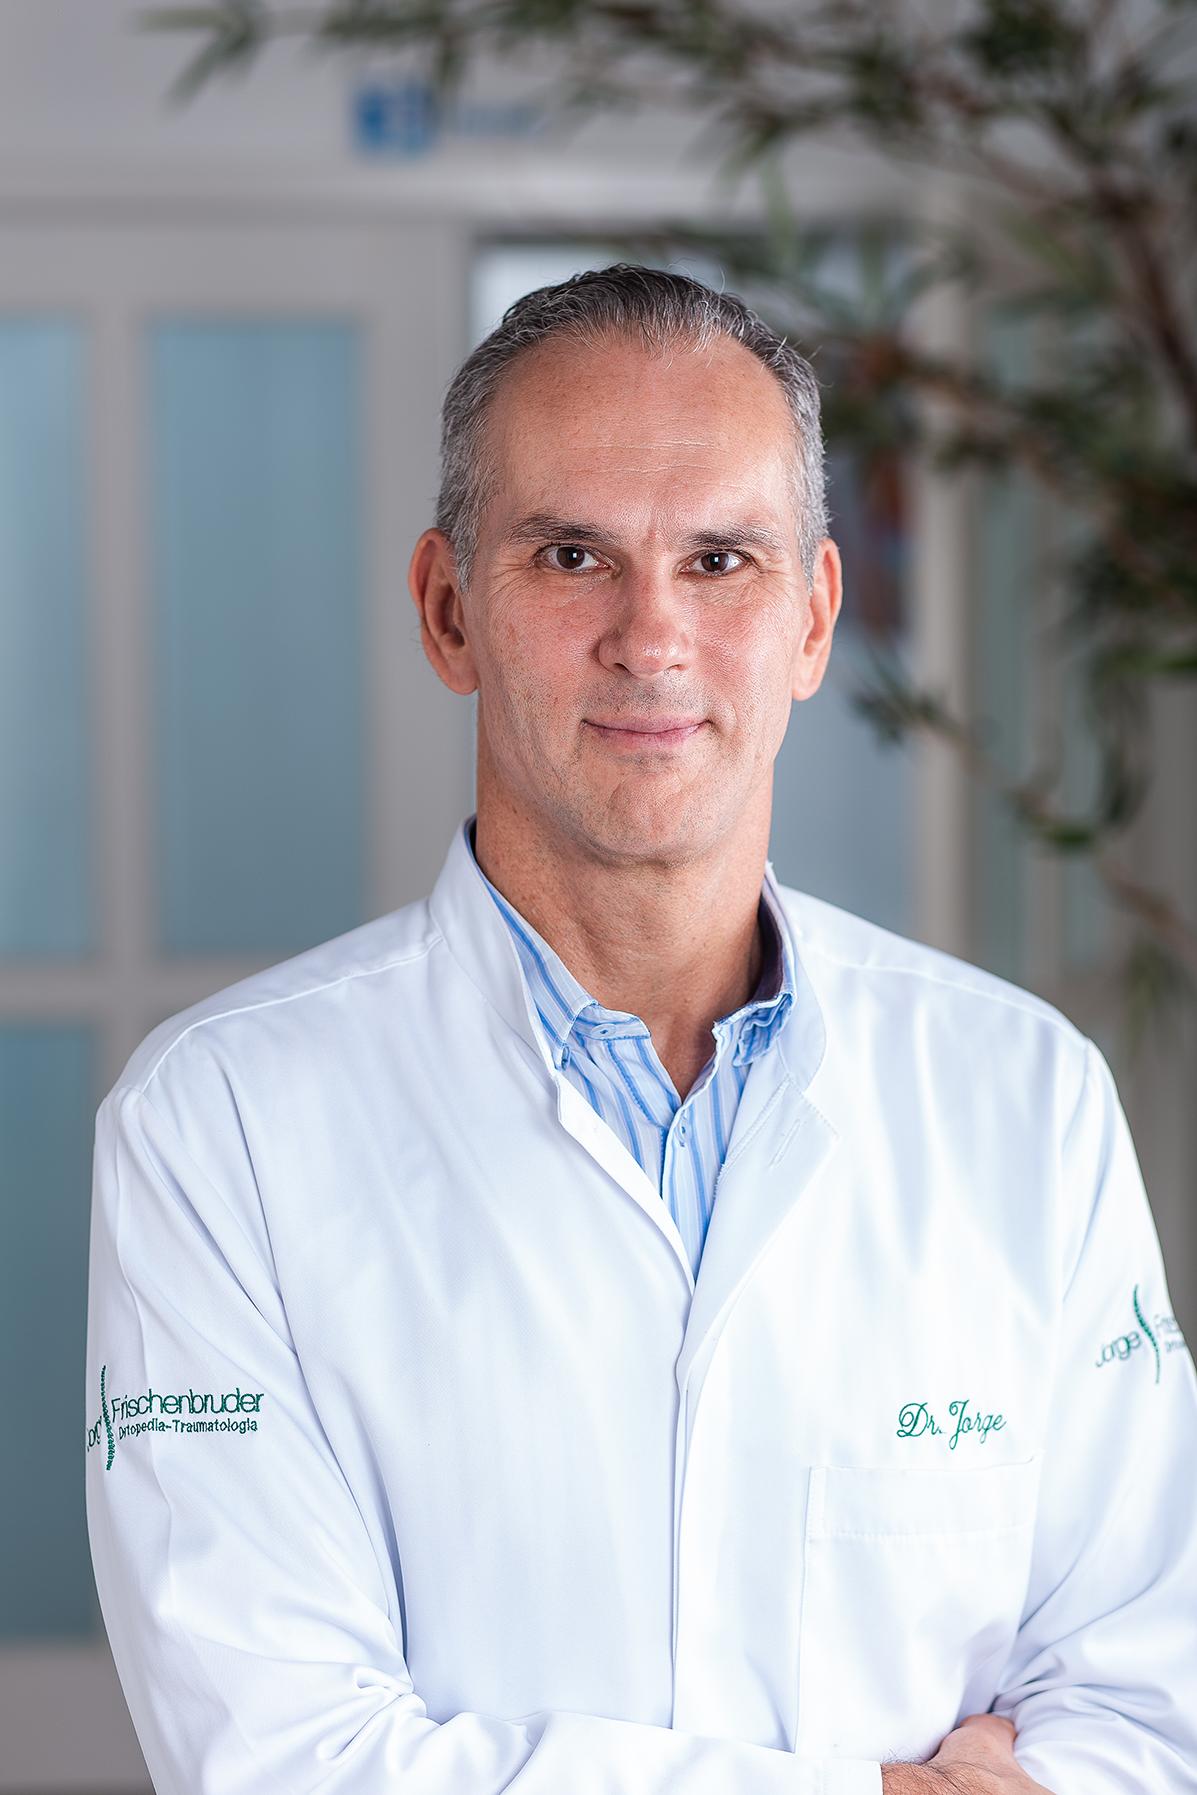 DR-Jorge-Frischenbruder